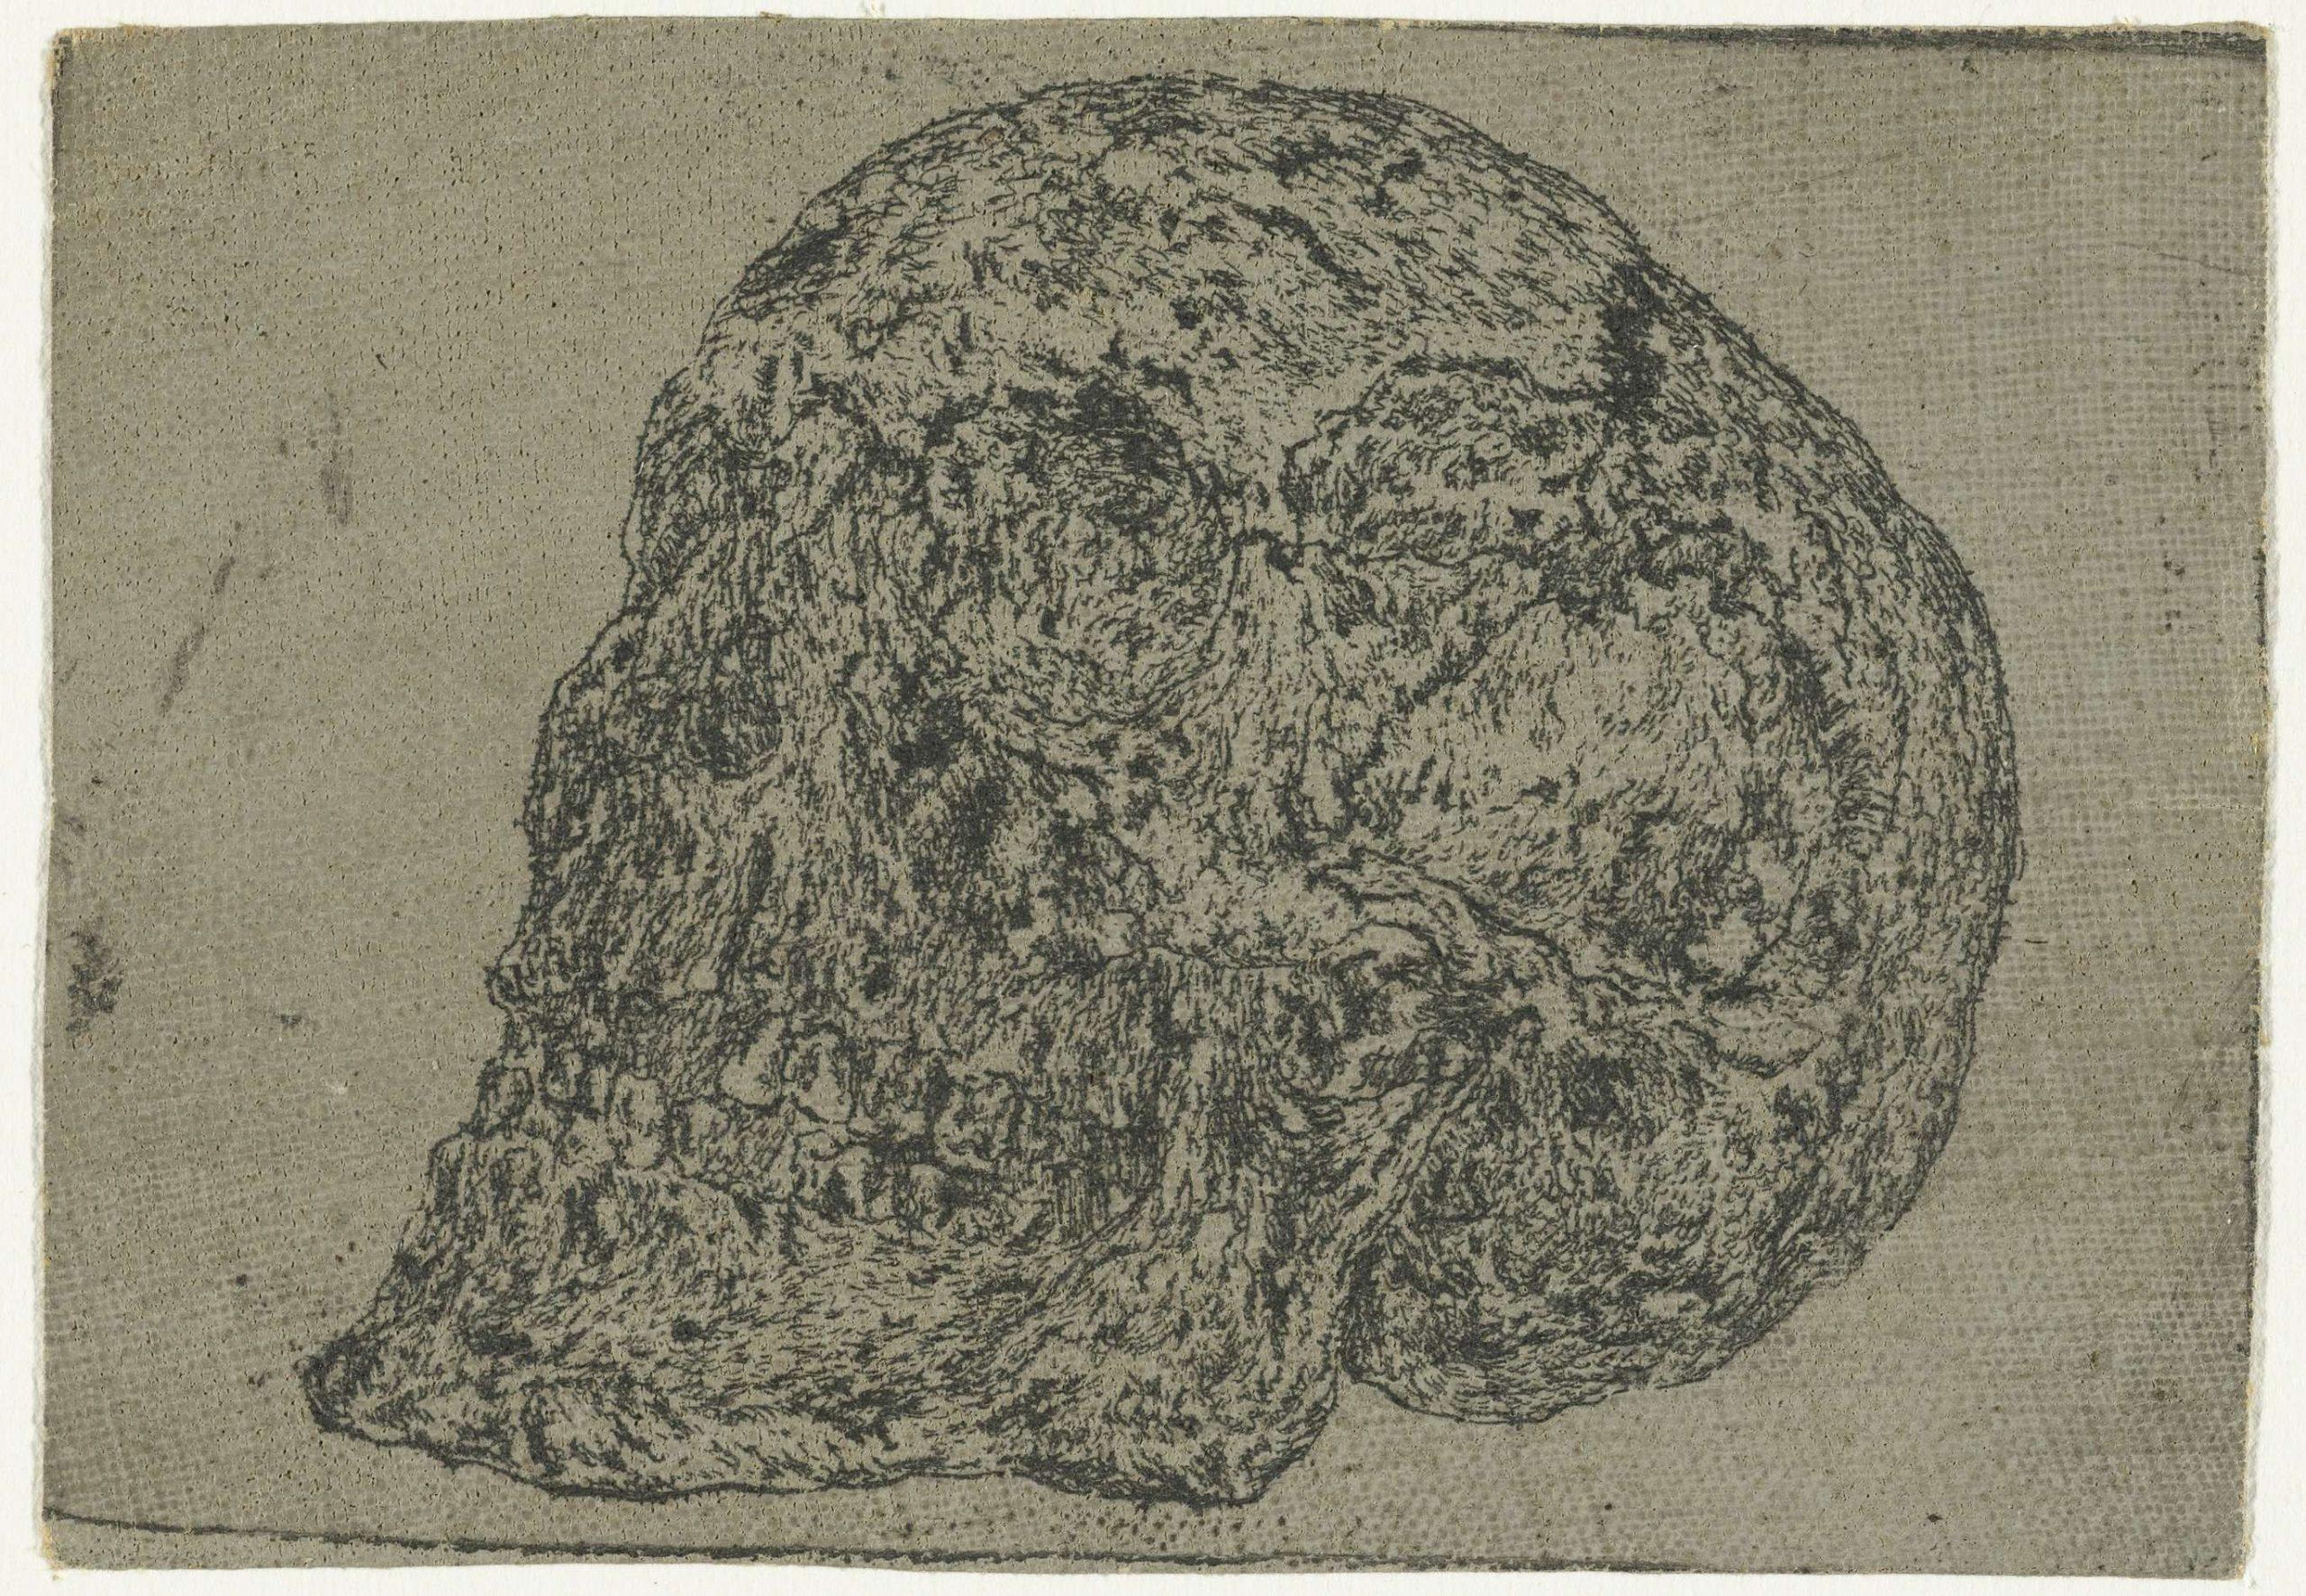 3 Seghers-Skull